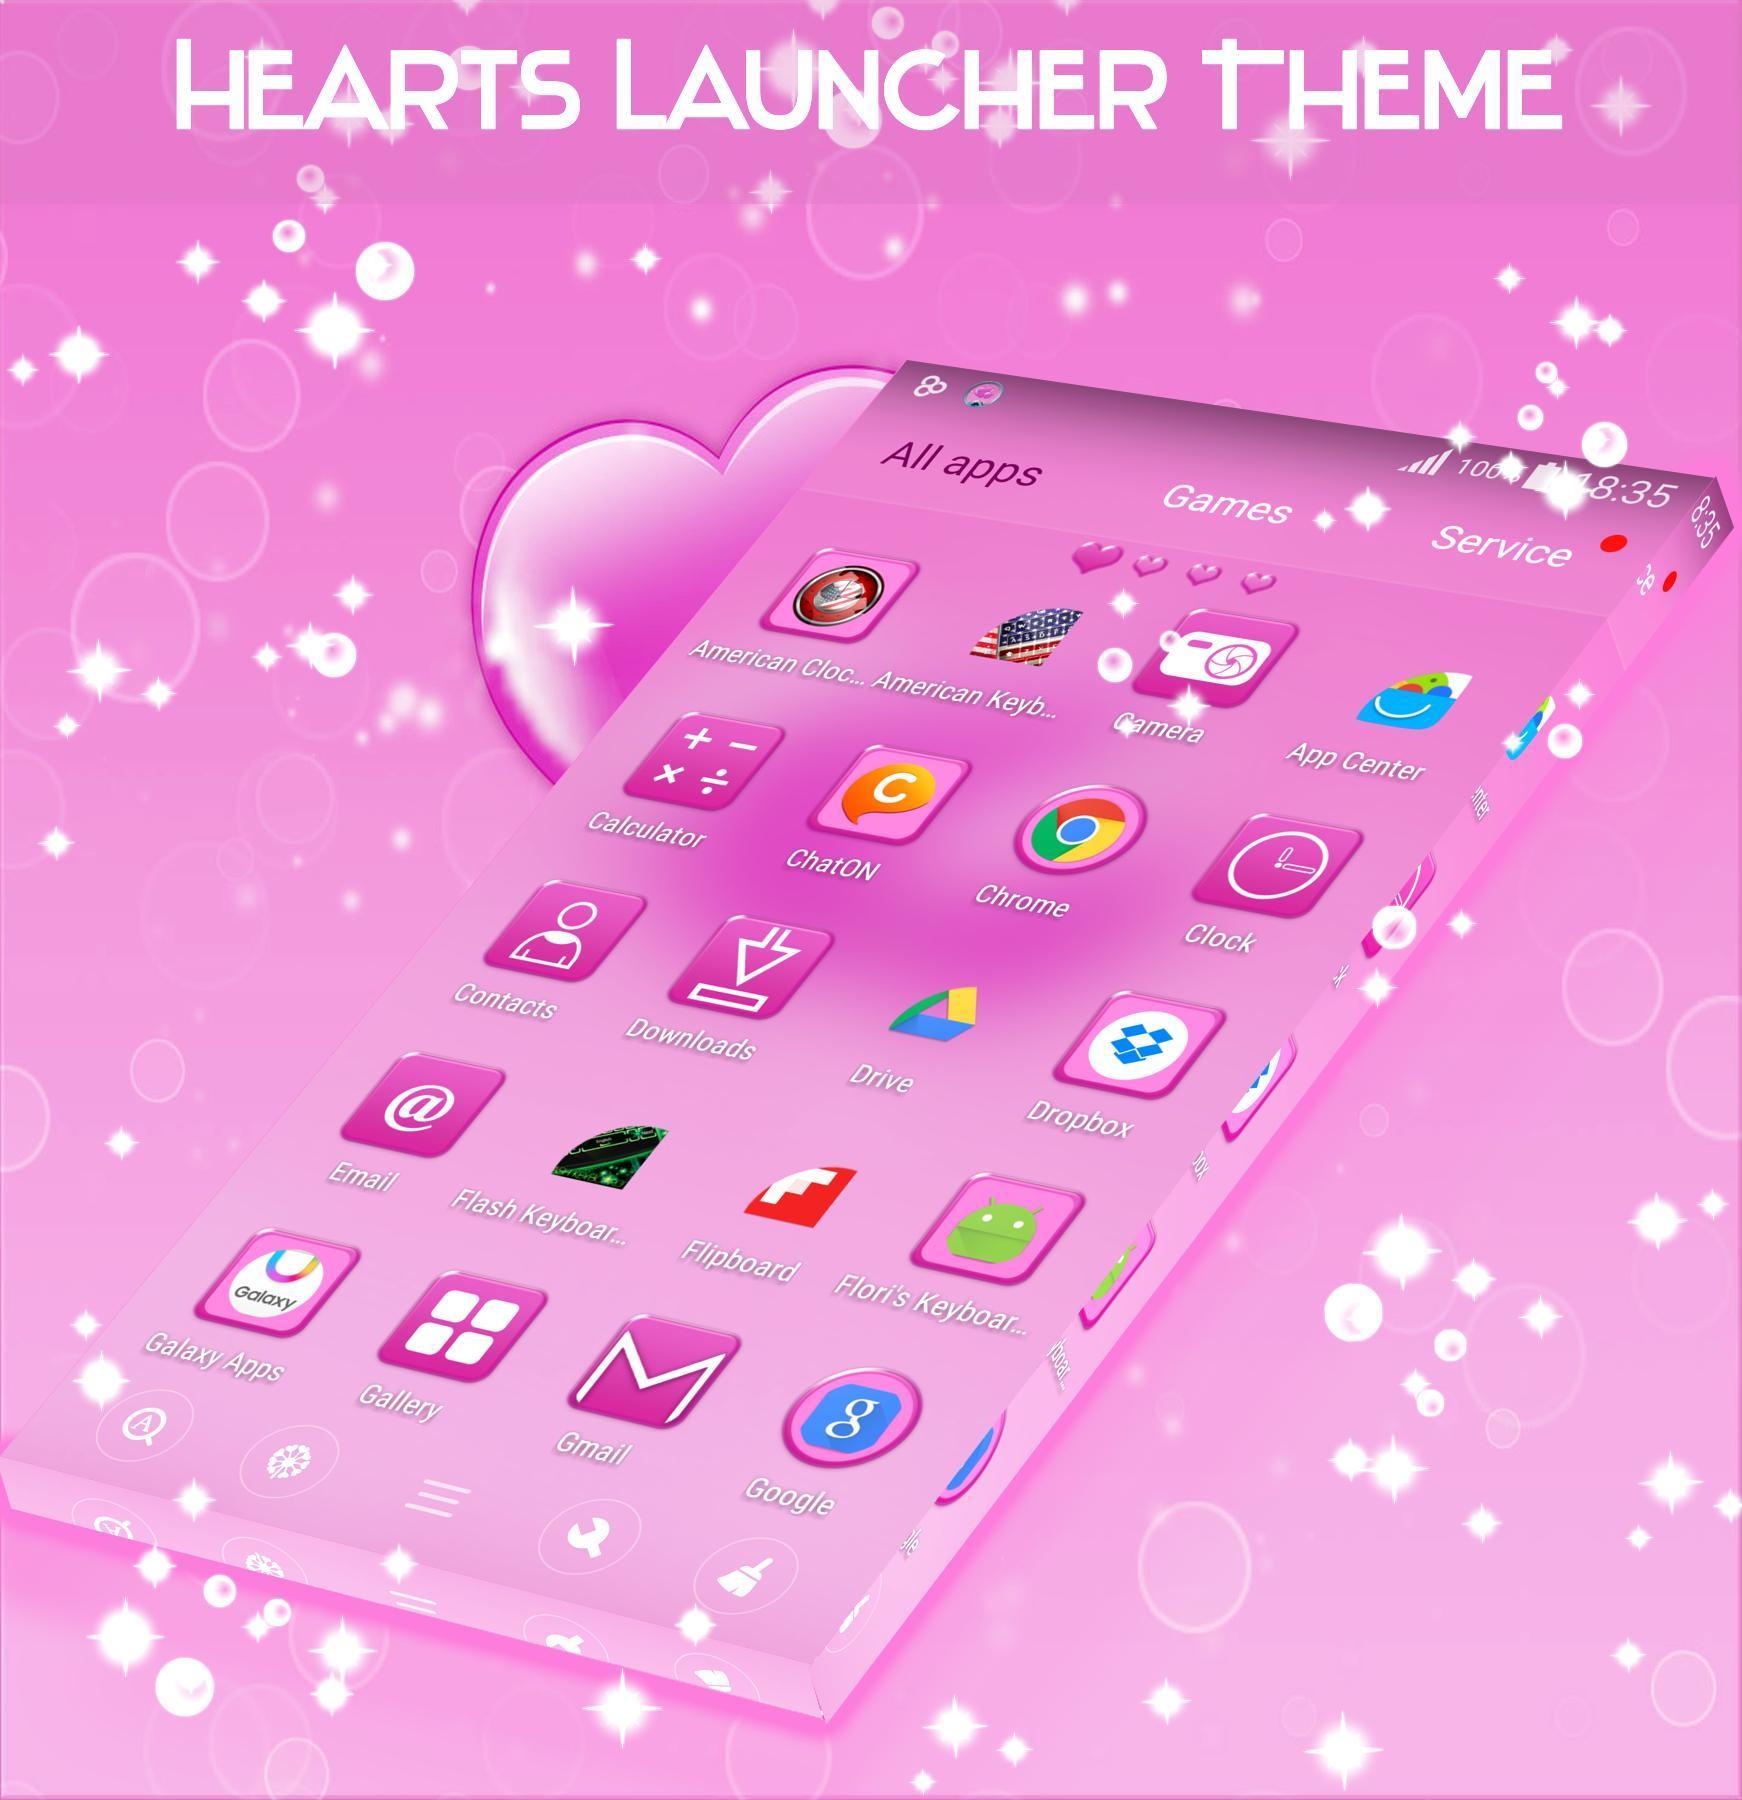 Hearts Launcher Theme screenshot 4